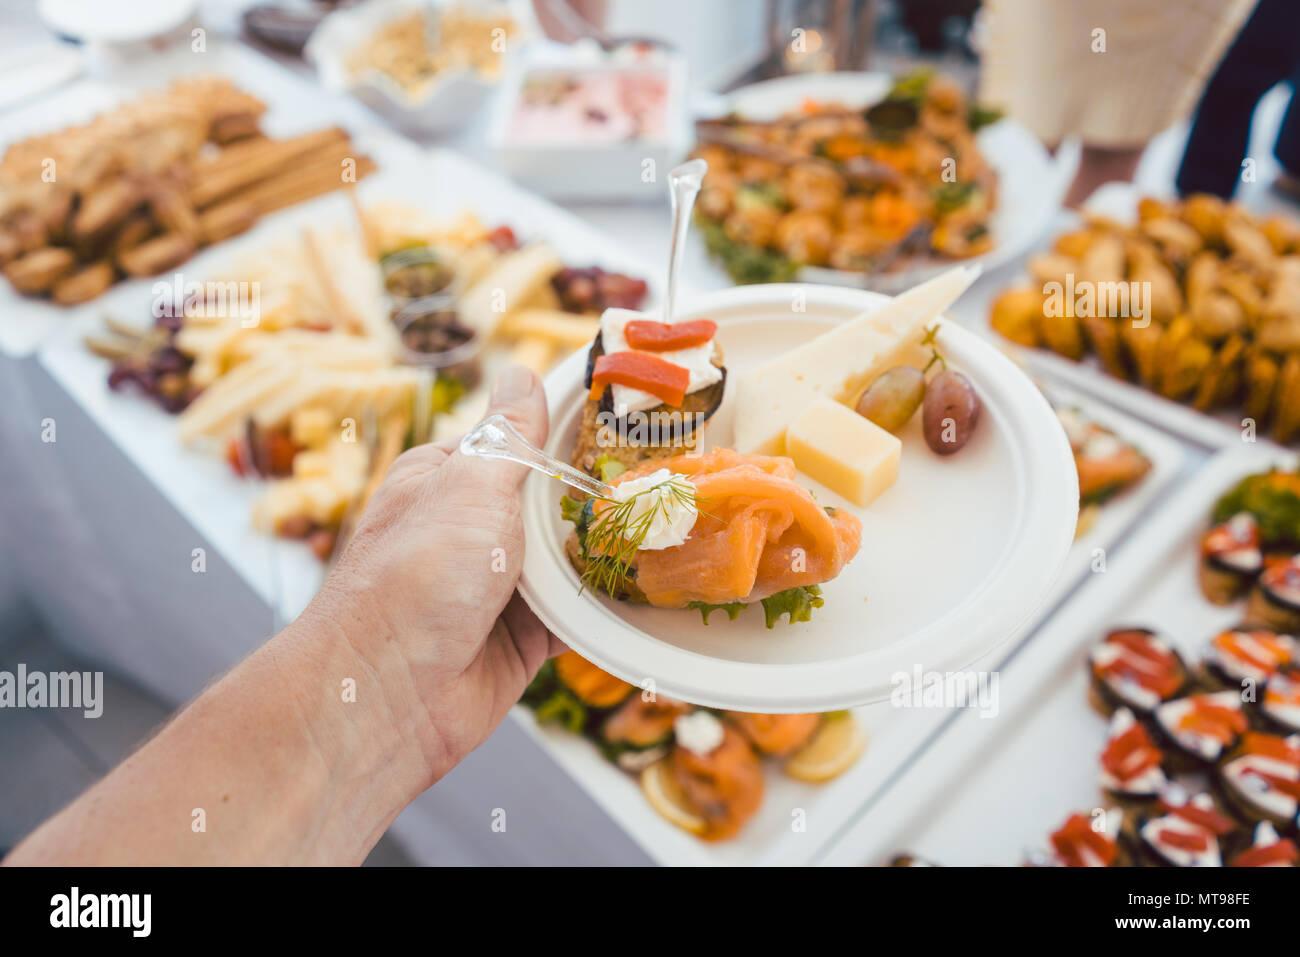 Hombre ayudando a sí mismo en la parte de buffet al aire libre tomar alimentos Foto de stock